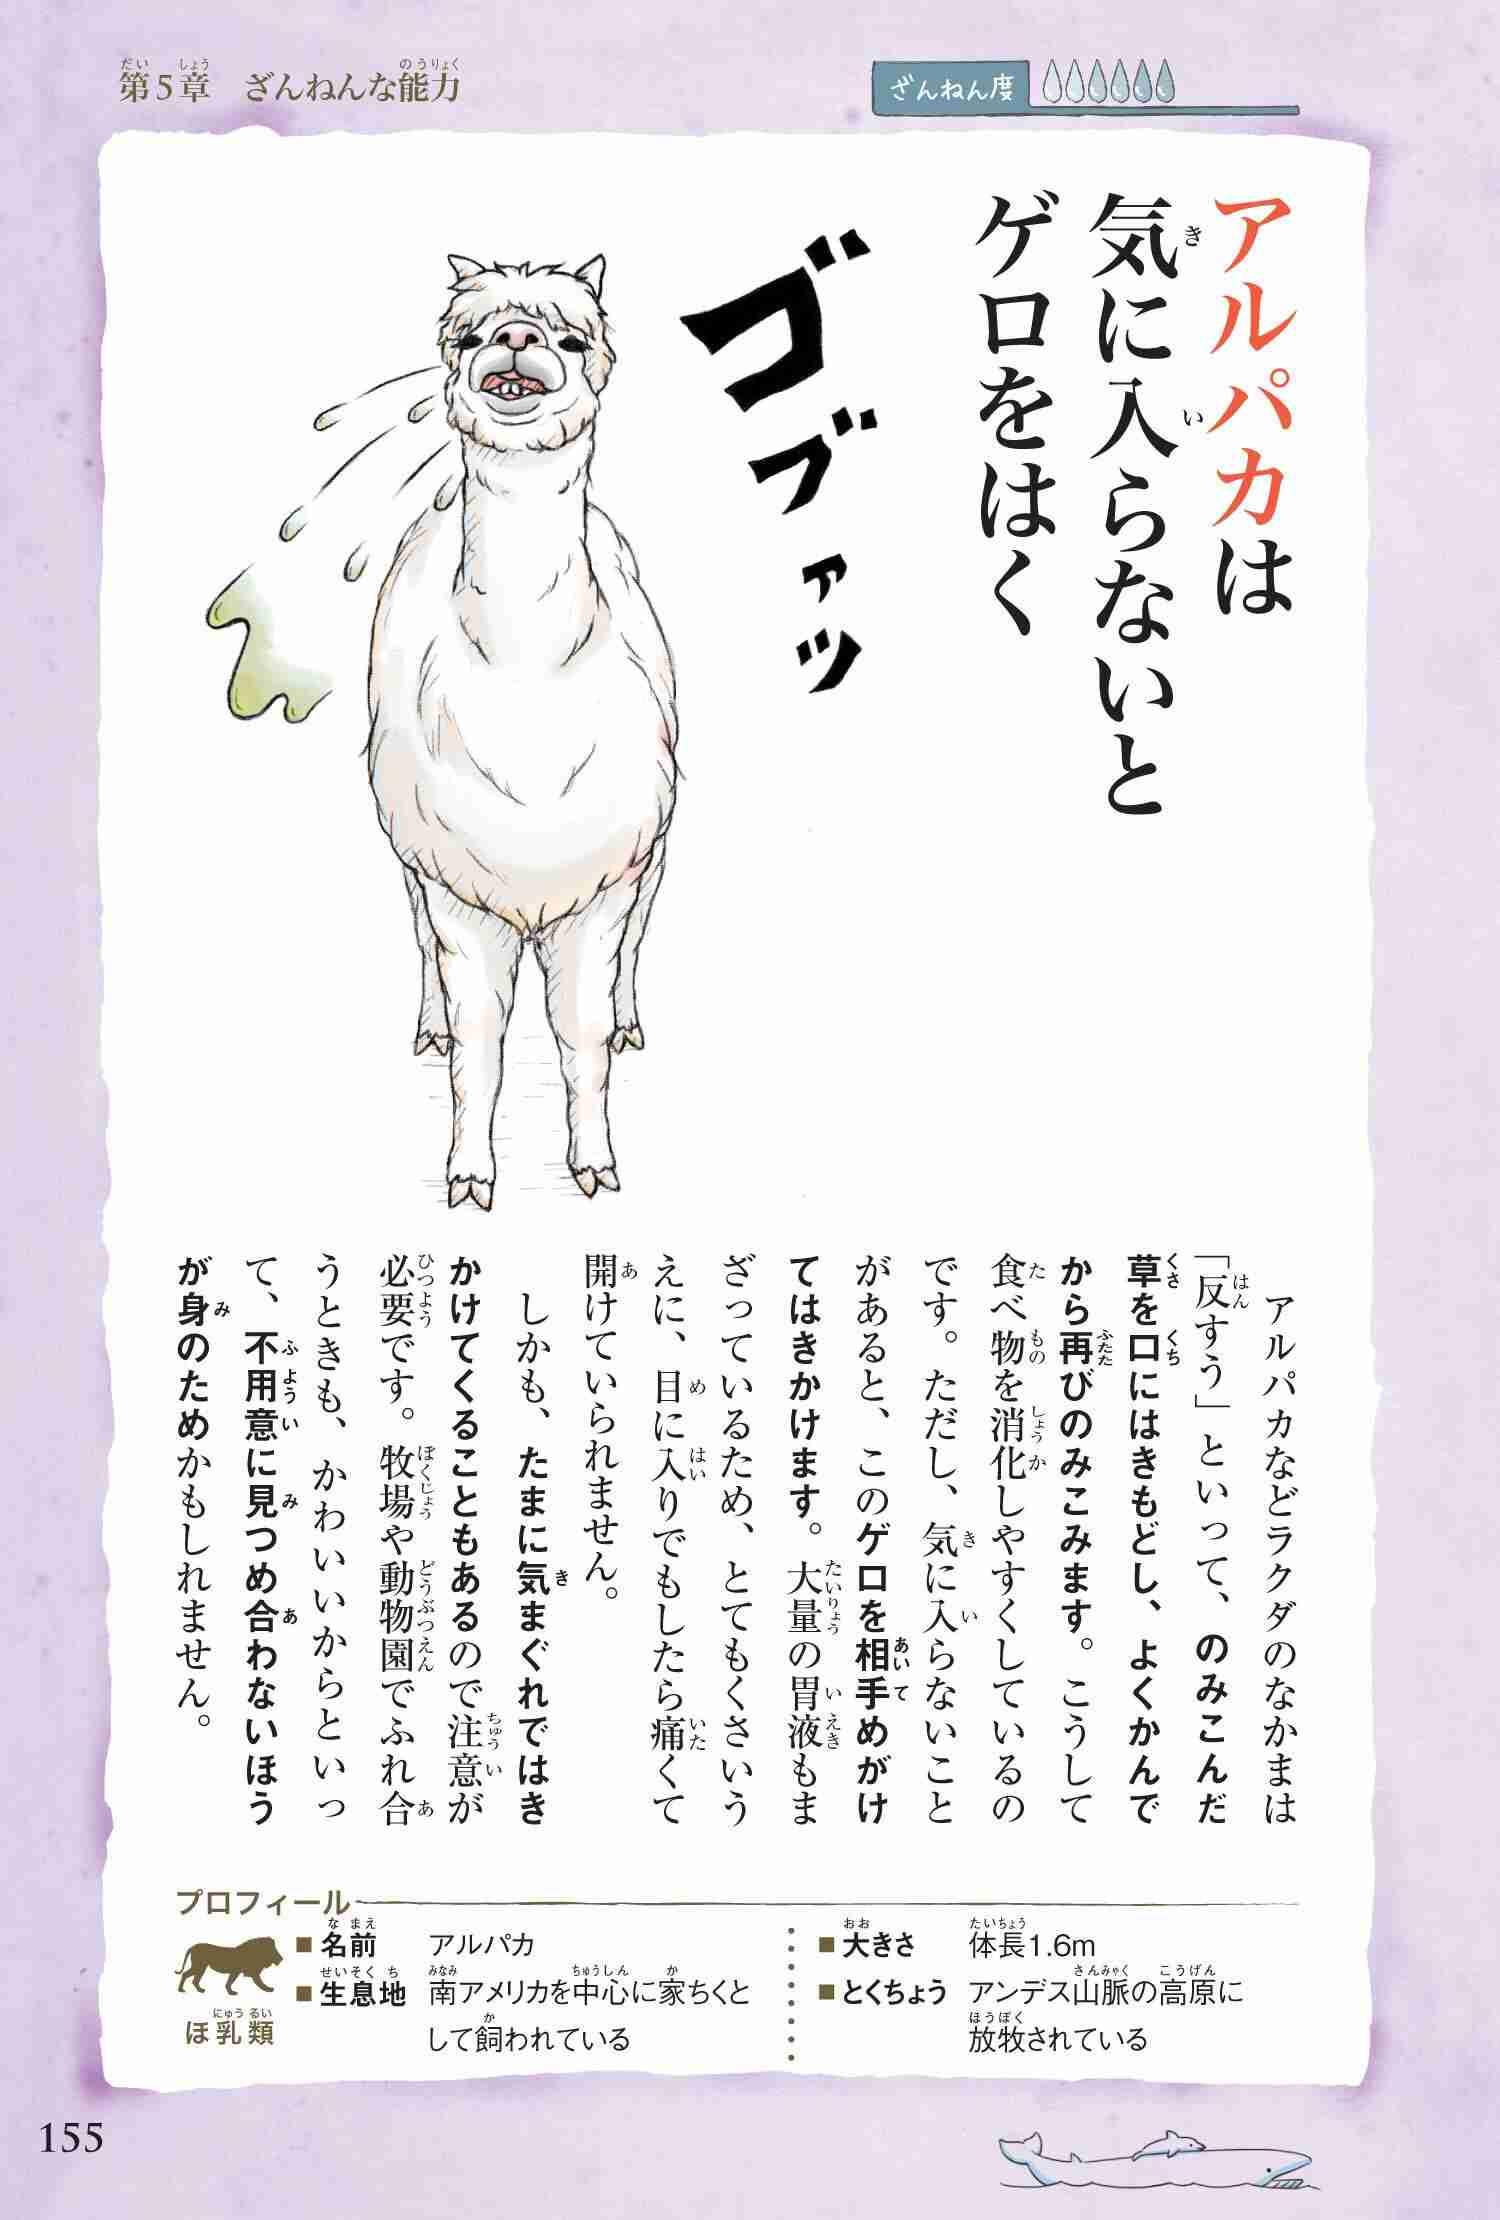 びっくりするような生き物の生態と人生!『泣けるいきもの図鑑』発売